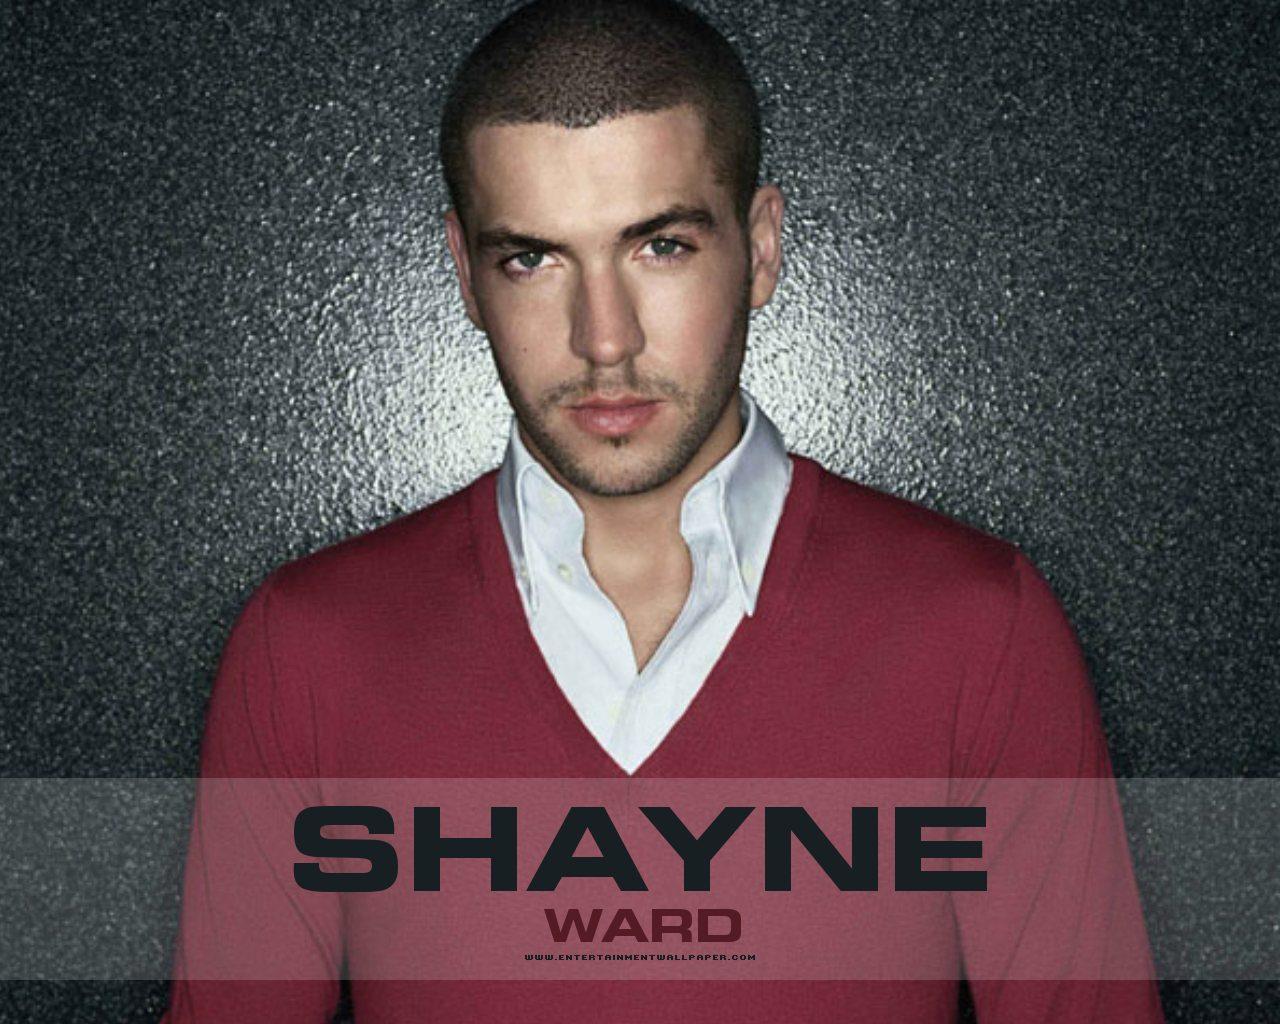 http://1.bp.blogspot.com/-50sibS8nYOk/TV1u_gjSPTI/AAAAAAAAHGk/grG1BKse1wM/s1600/Shayne-Ward--.jpg